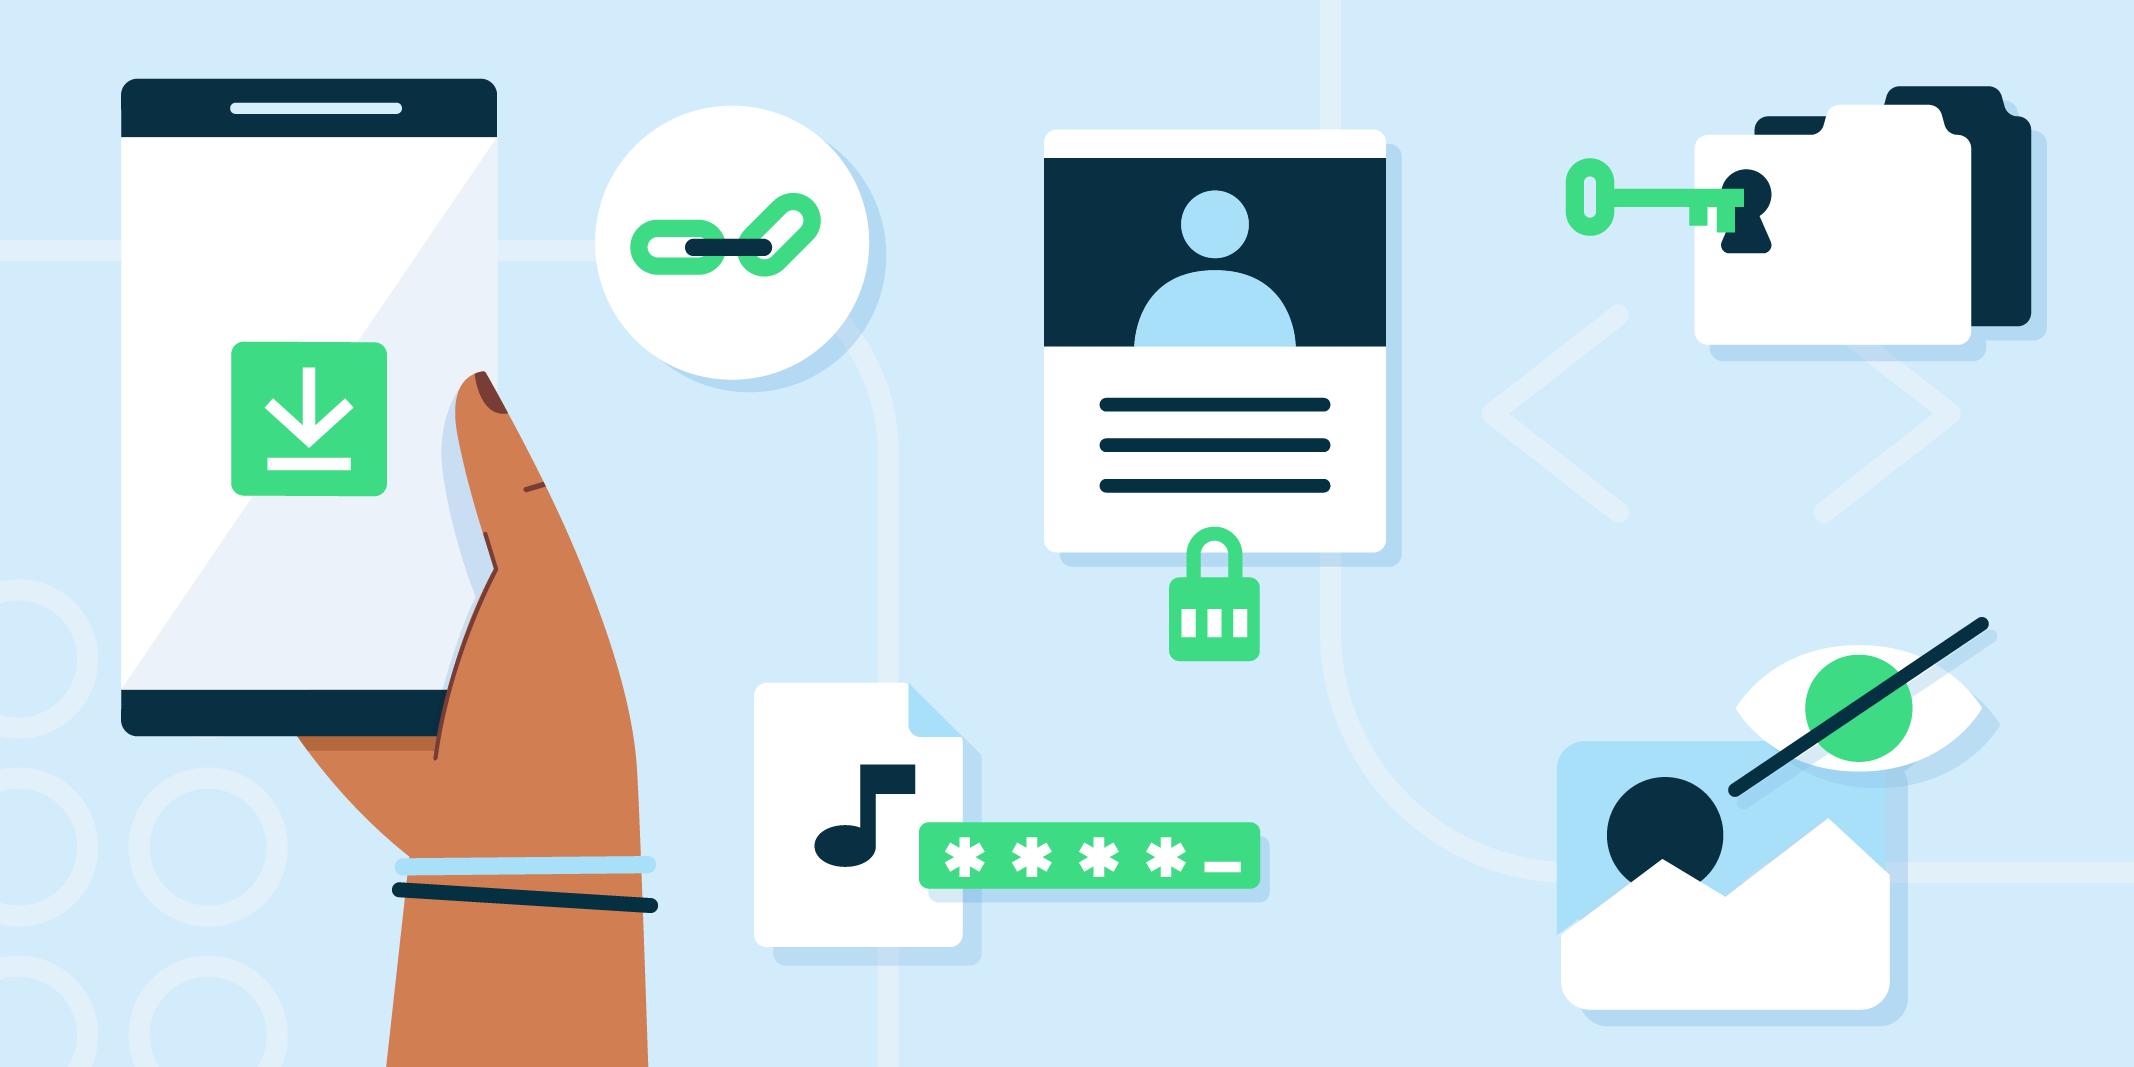 Appar i Play Store kommer behöva ange mer integritets-information